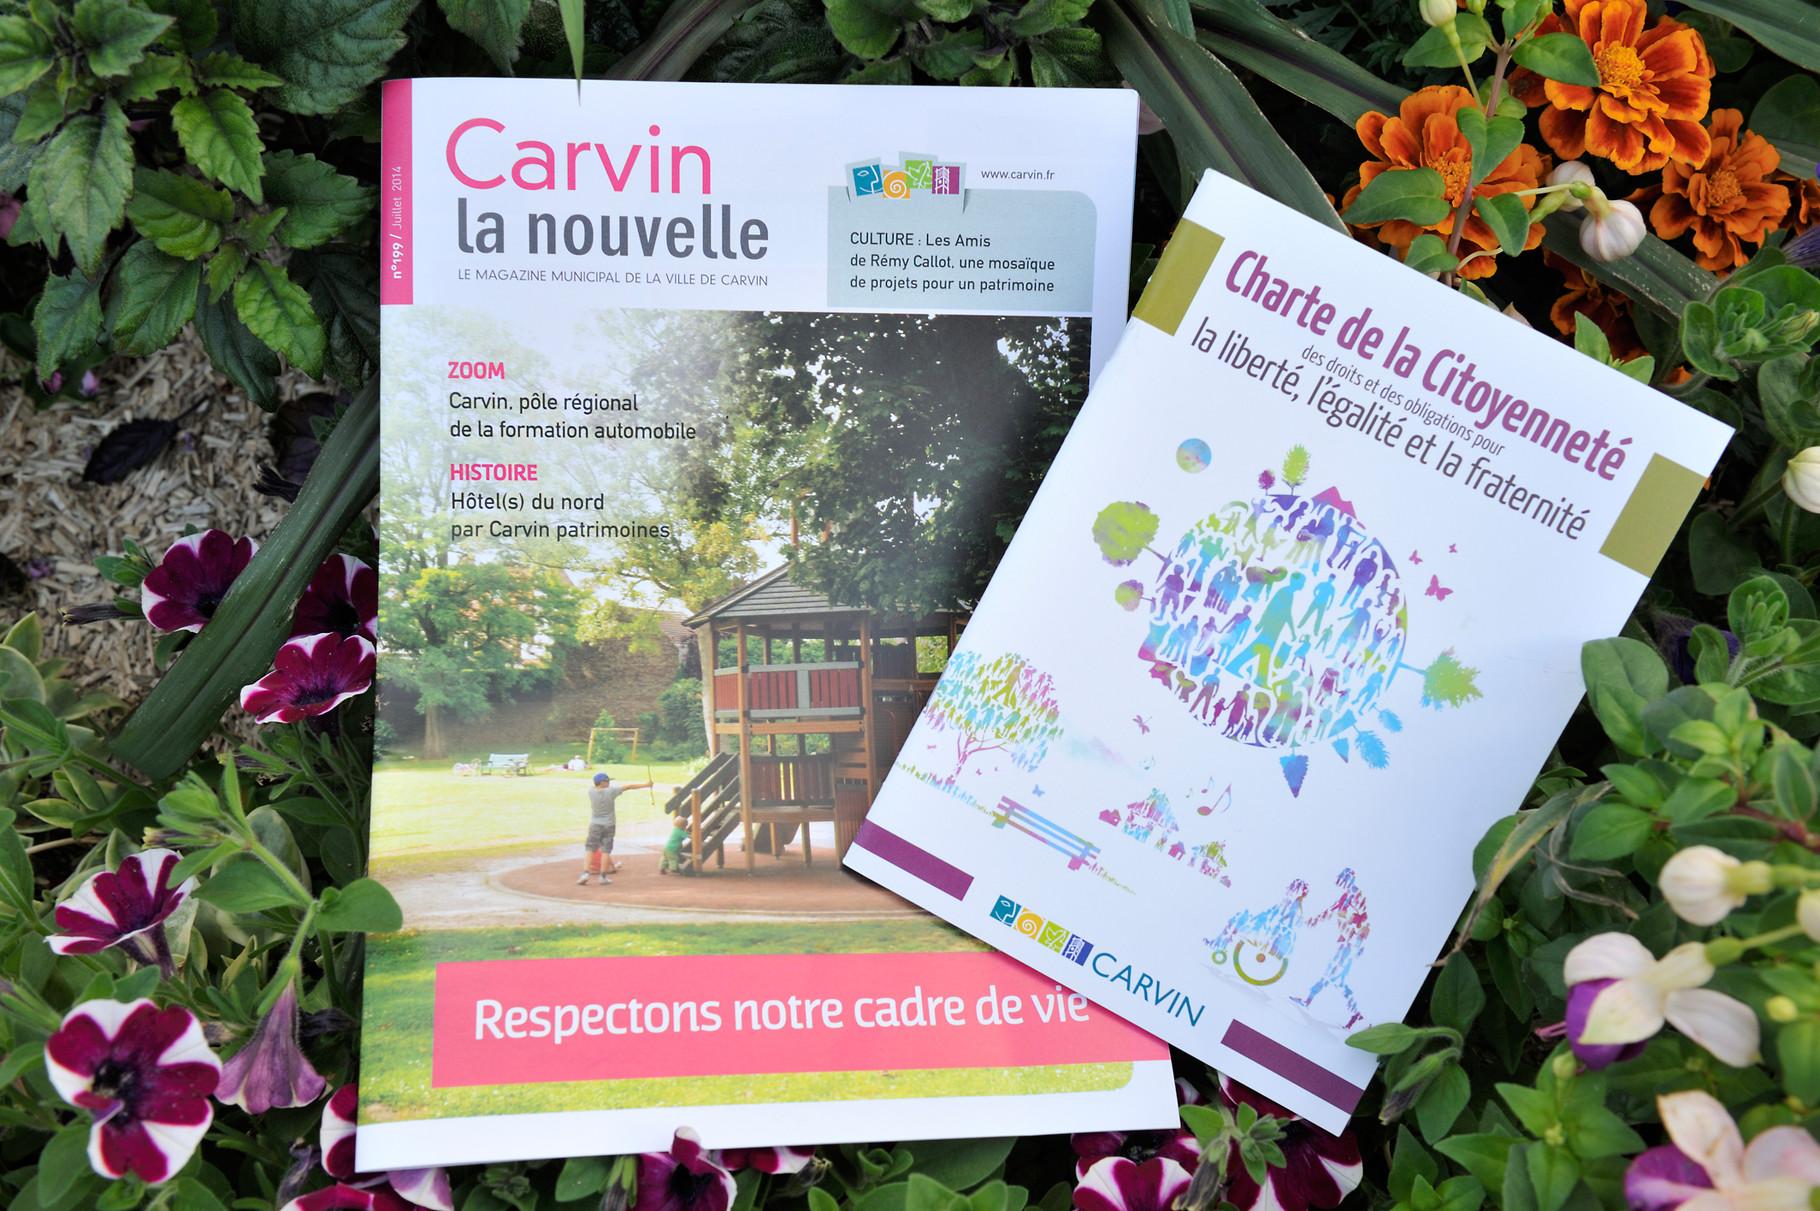 Documents de sensibilisation réalisés par la ville de Carvin par Richard Soberka